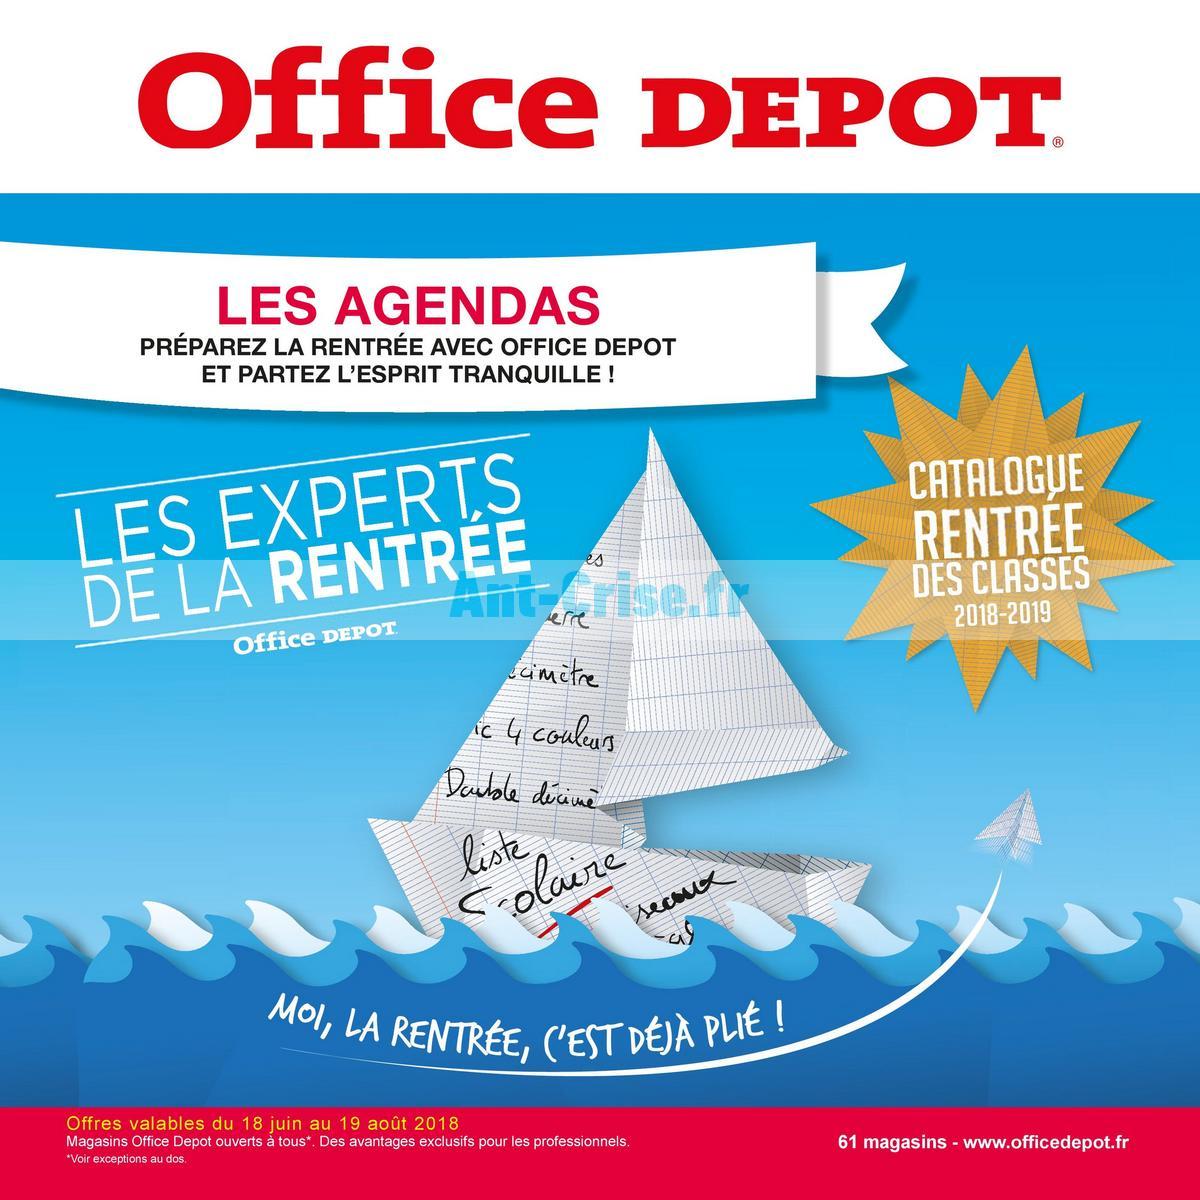 août2018 Catalogue Office Dépôt du 18 juin au 19 août 2018 (1)